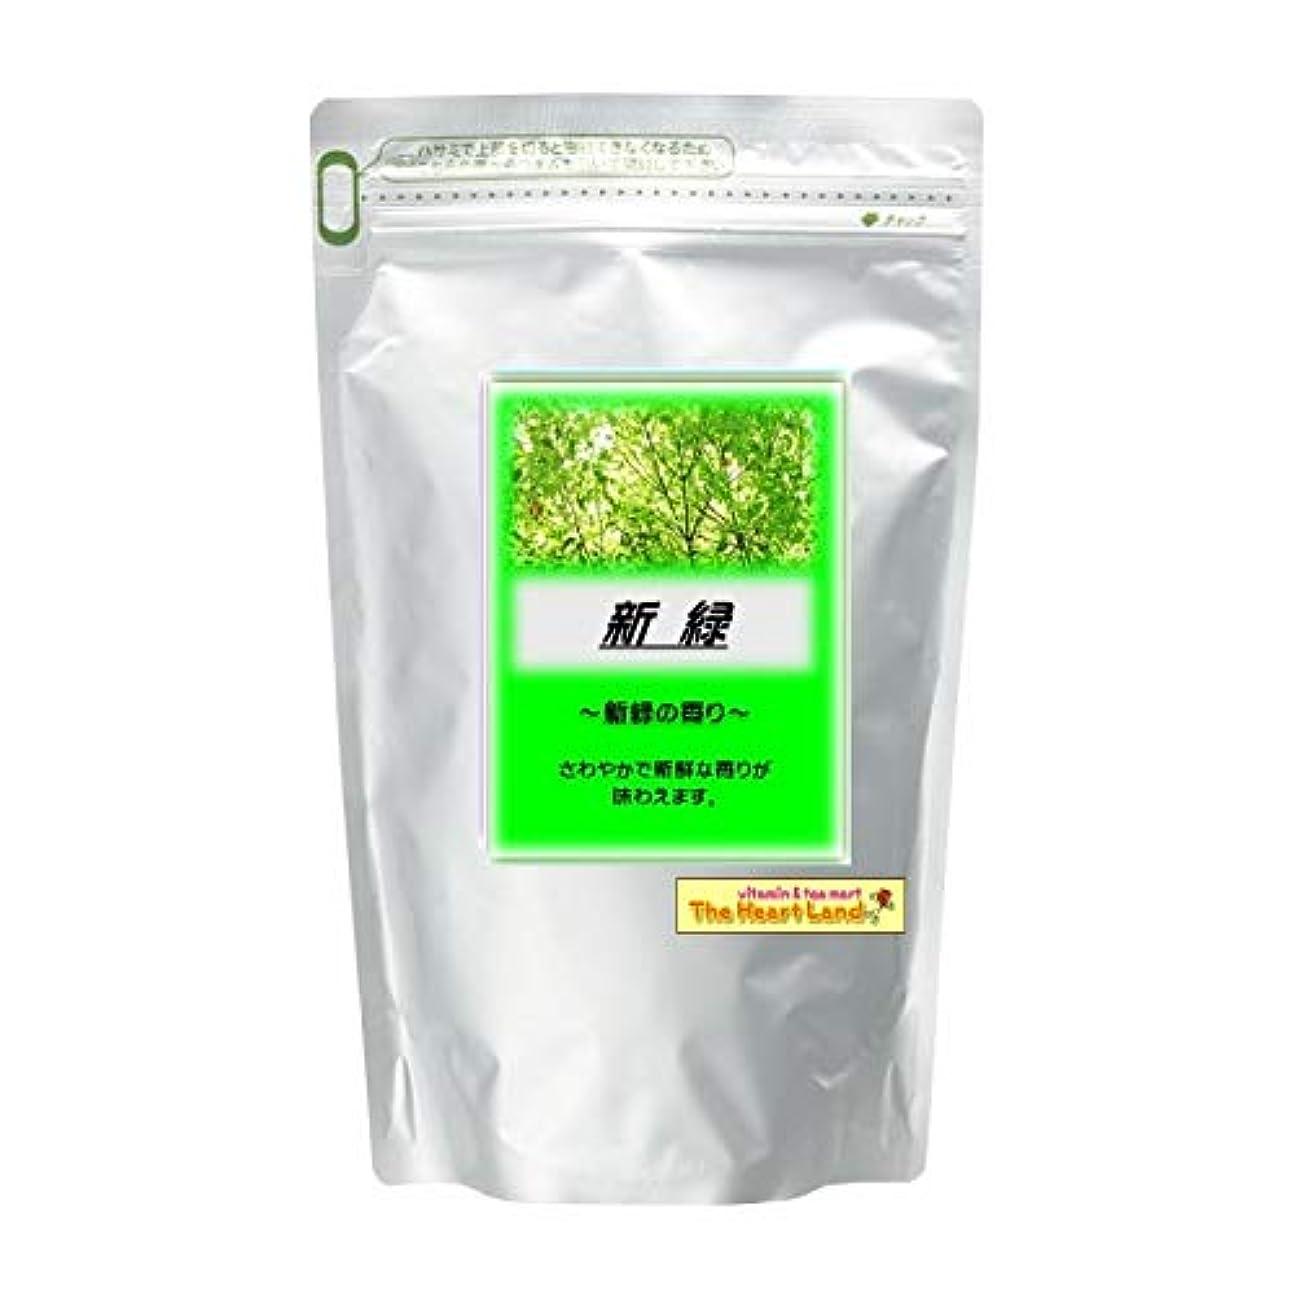 鎮痛剤肯定的不安定アサヒ入浴剤 浴用入浴化粧品 新緑 2.5kg